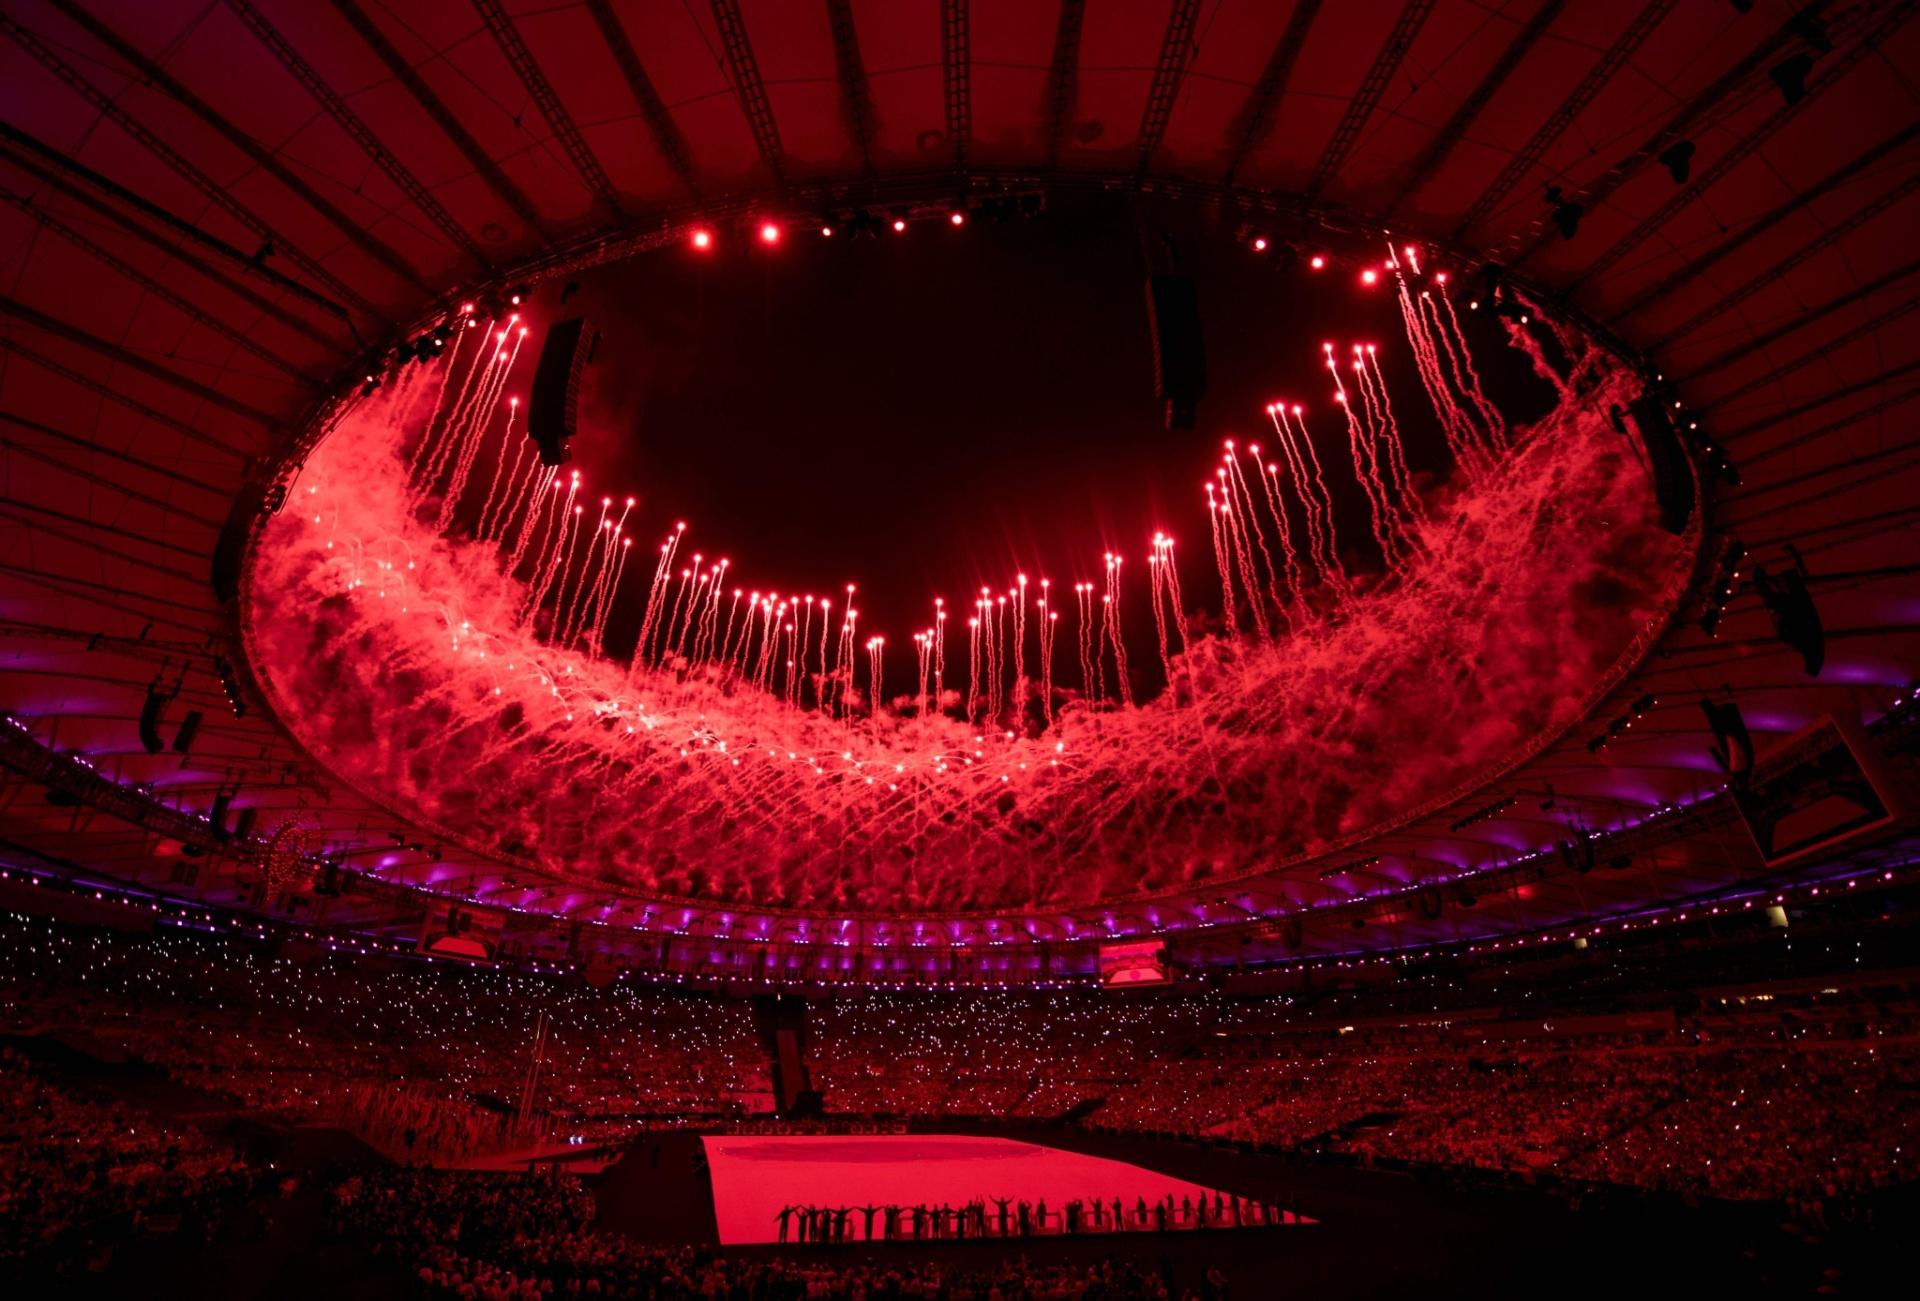 7.set.2016 - Fogos explodem no Maracanã durante cerimônia de abertura dos Jogos Paraolímpicos de 2016, que são realizados no Rio de Janeiro